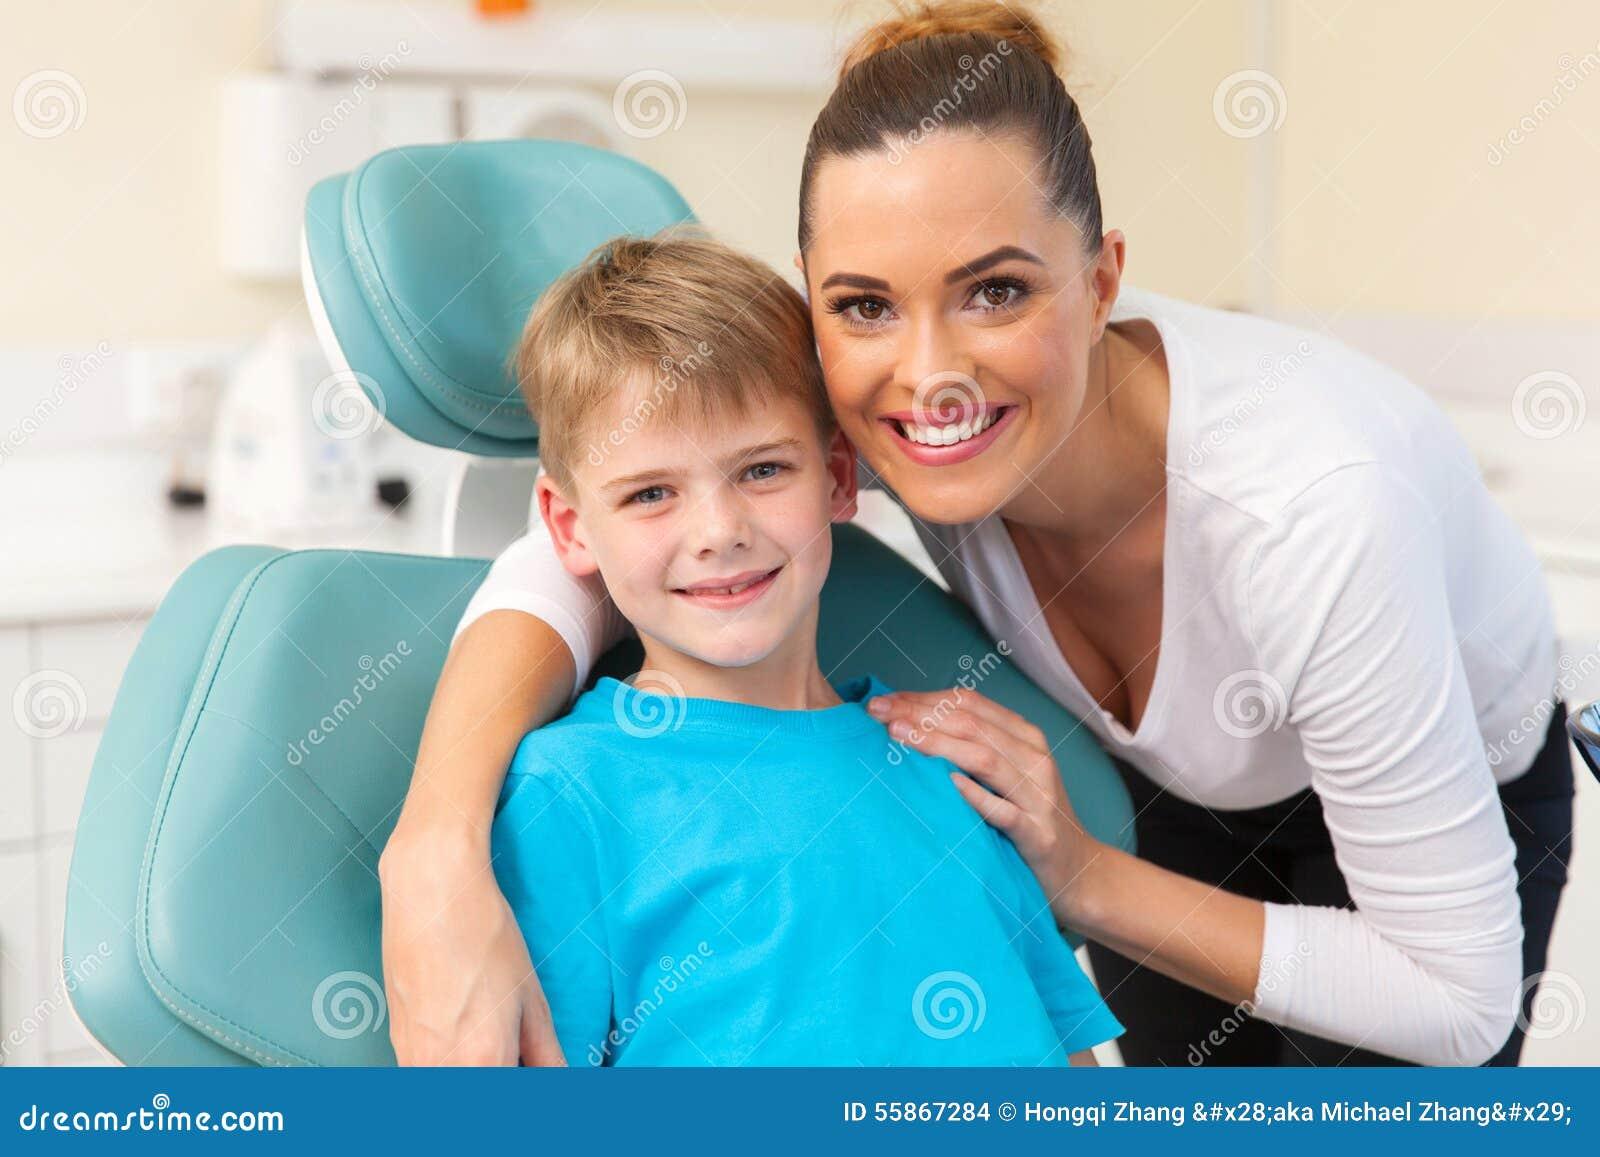 Die Schmutzige Mutter Genießt Ihren Sohn